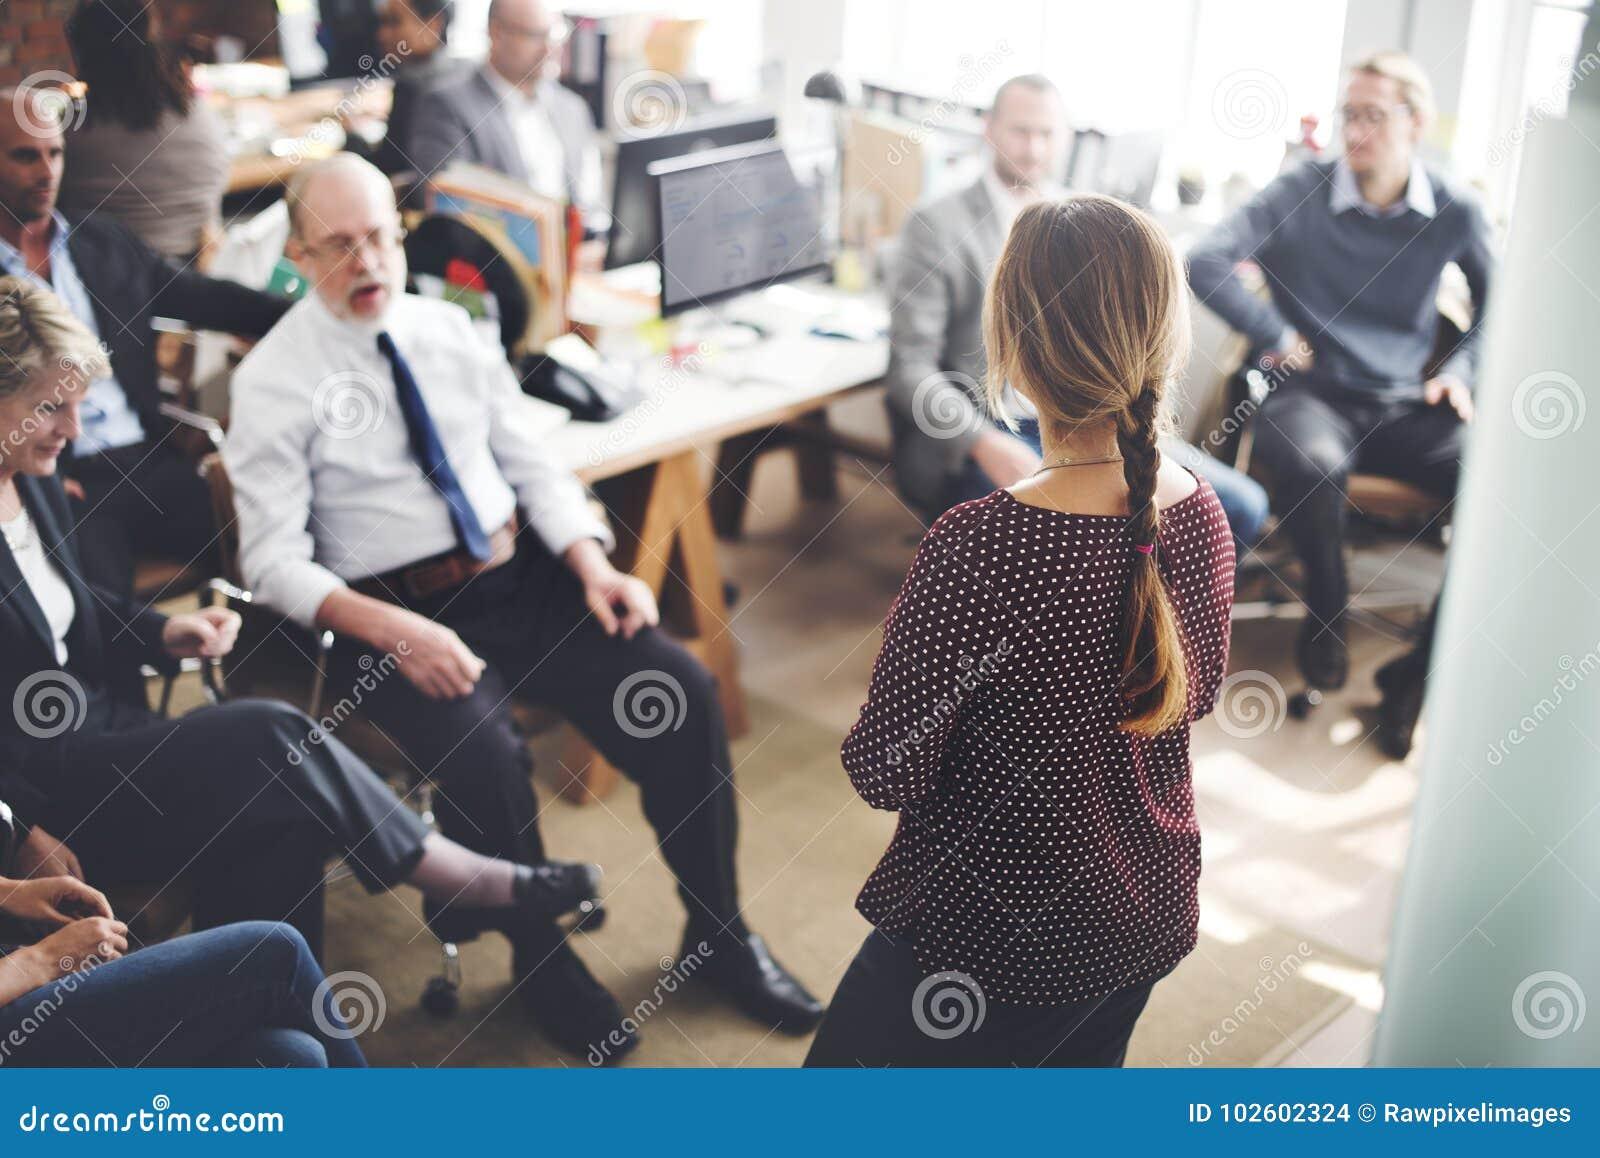 Ежедневная жизнь бизнесменов на офисе